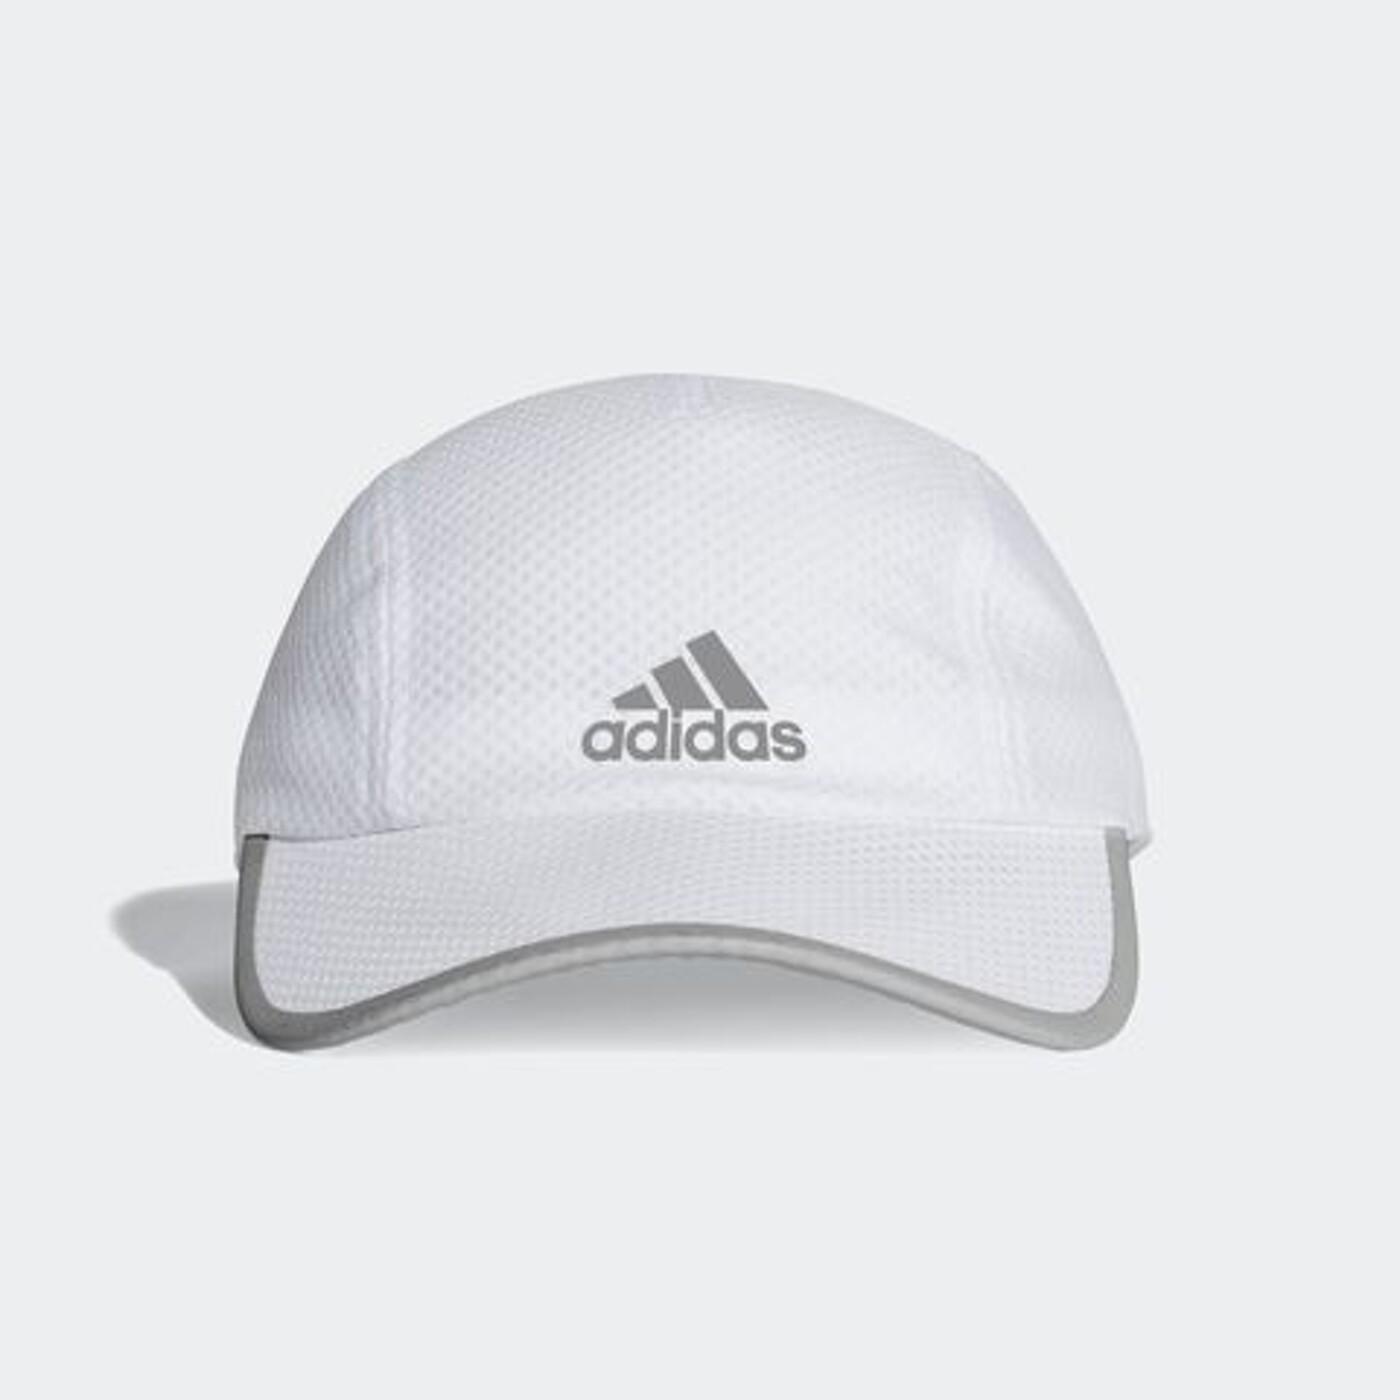 ADIDAS R96 CC CAP - Herren